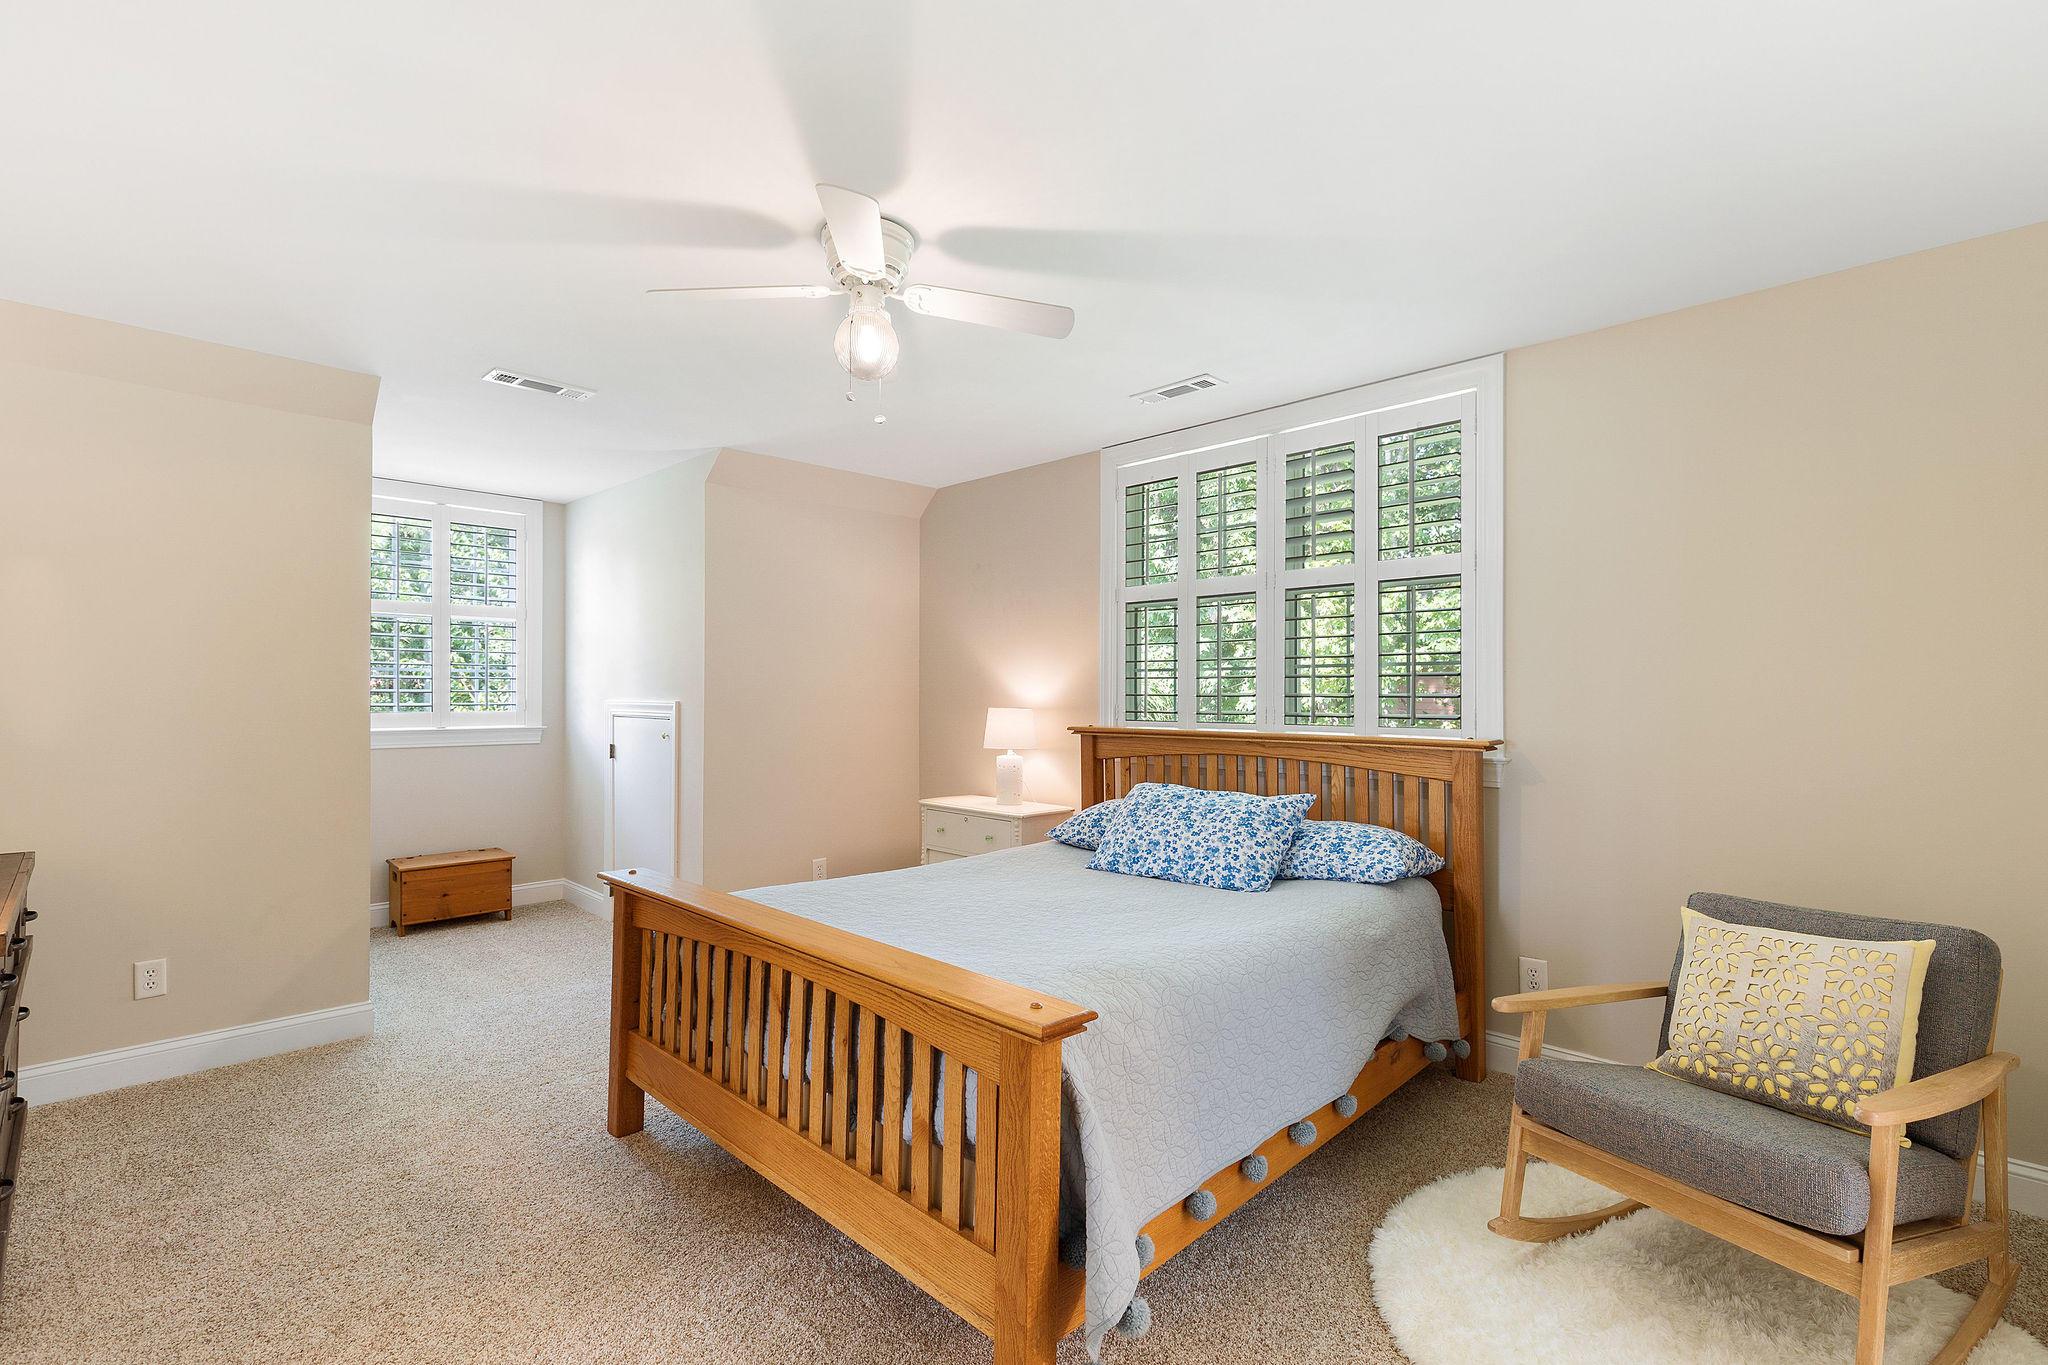 Dunes West Homes For Sale - 3201 Cottonfield, Mount Pleasant, SC - 13